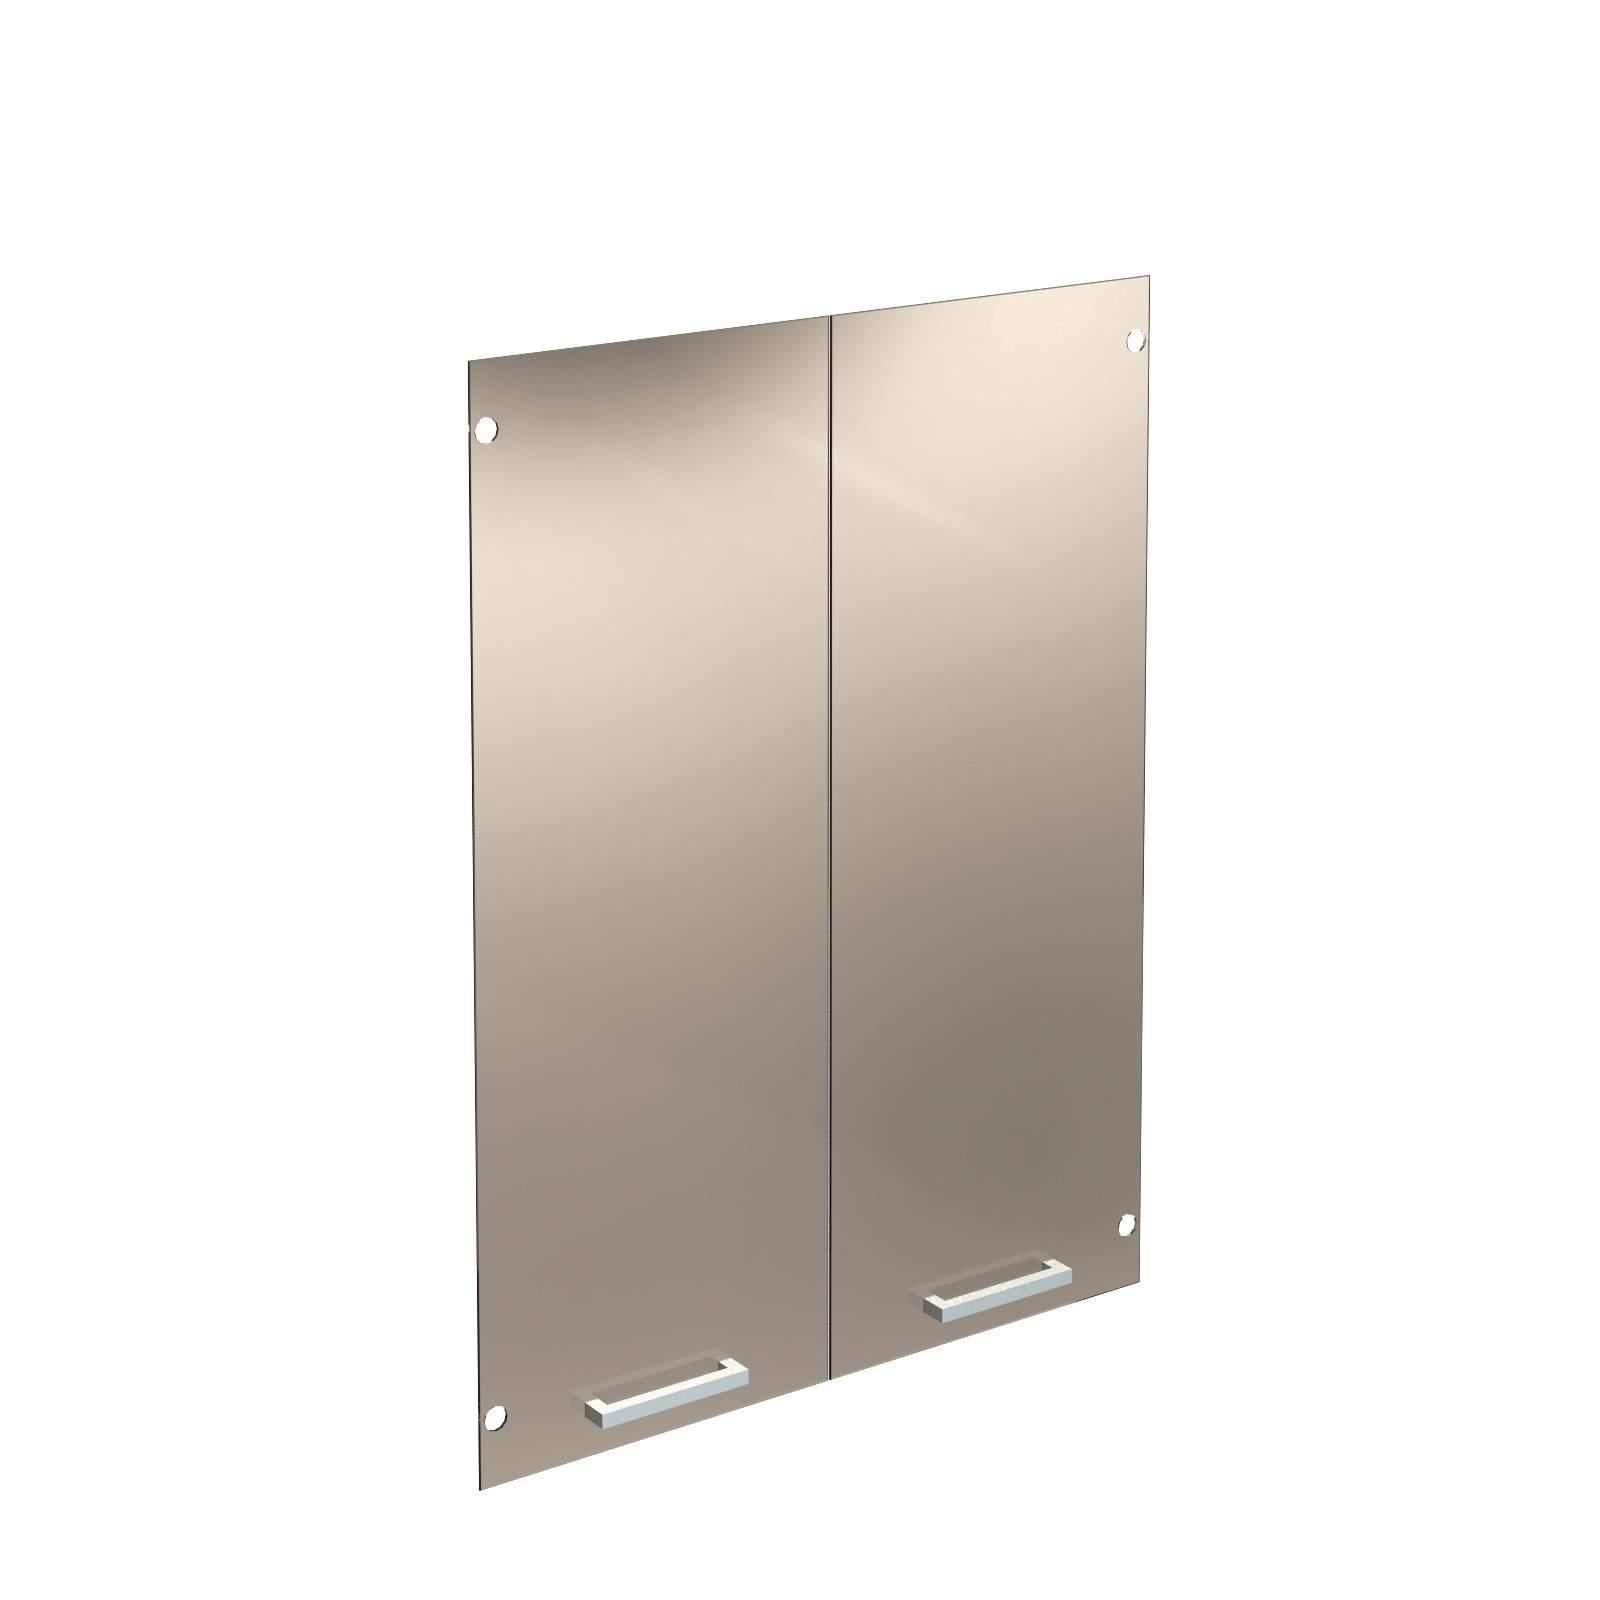 Дверь стеклянная бронза тонированная 422x1132x4